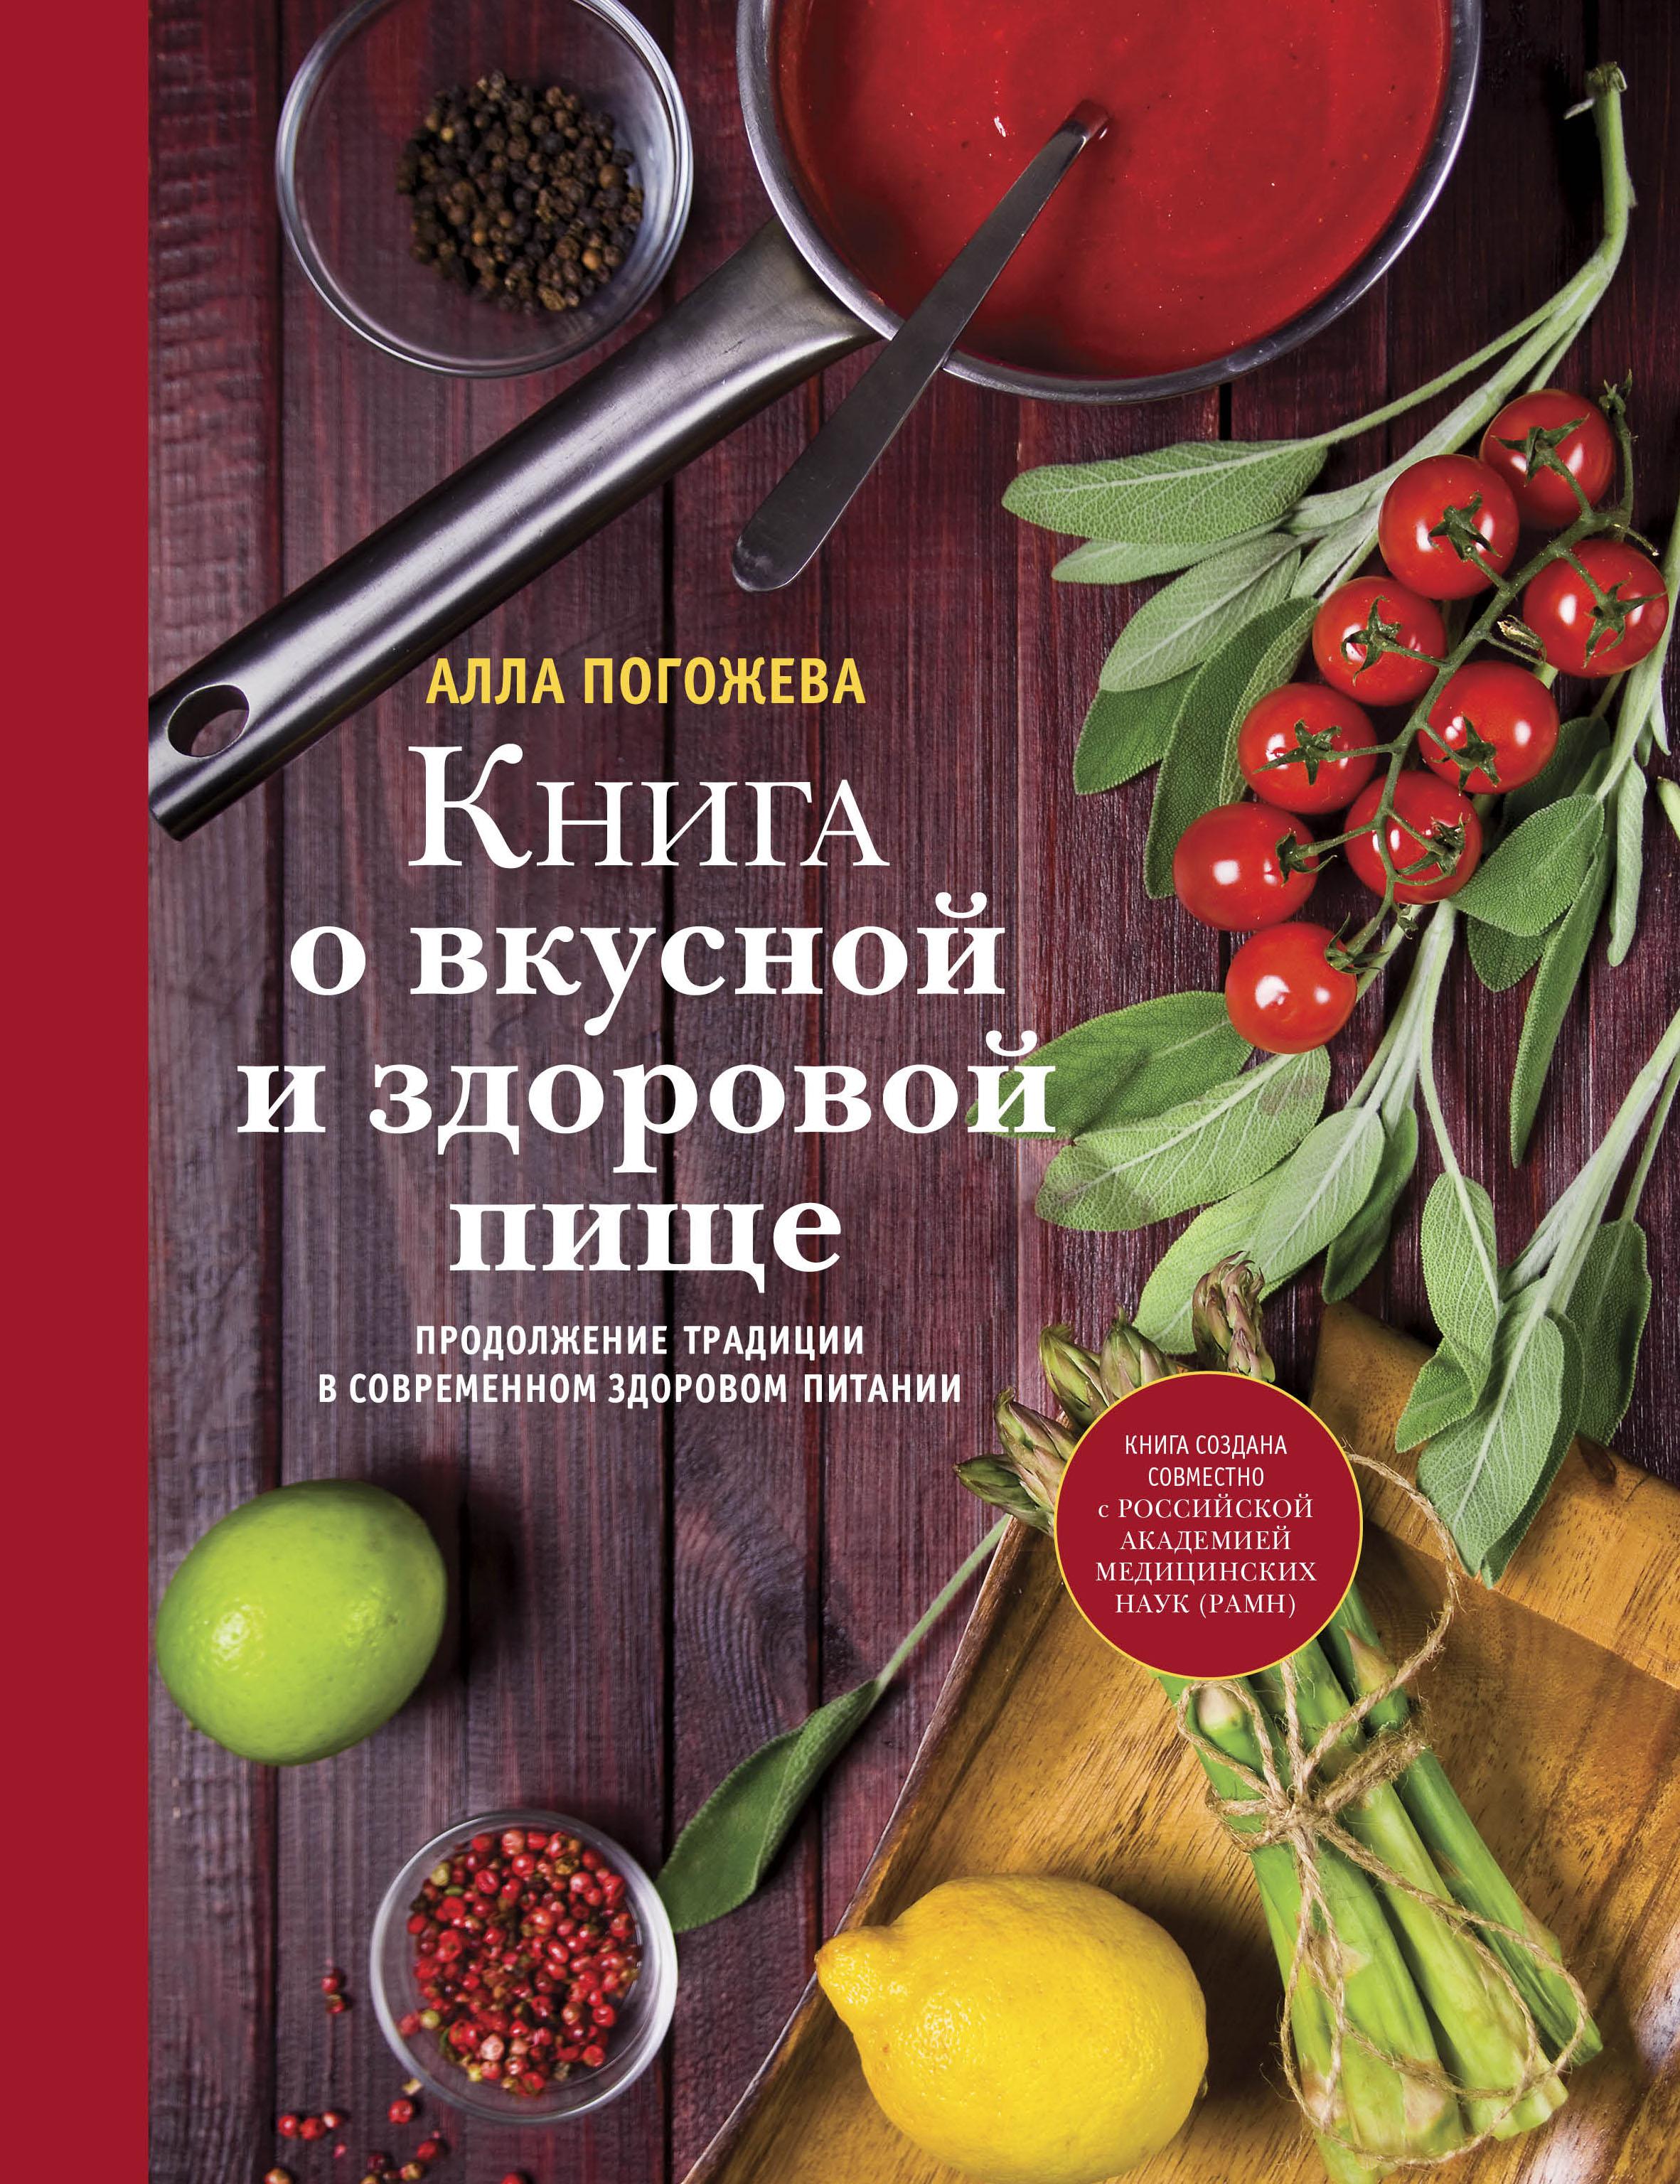 Алла Погожева Книга  вкусной  здоровой пище